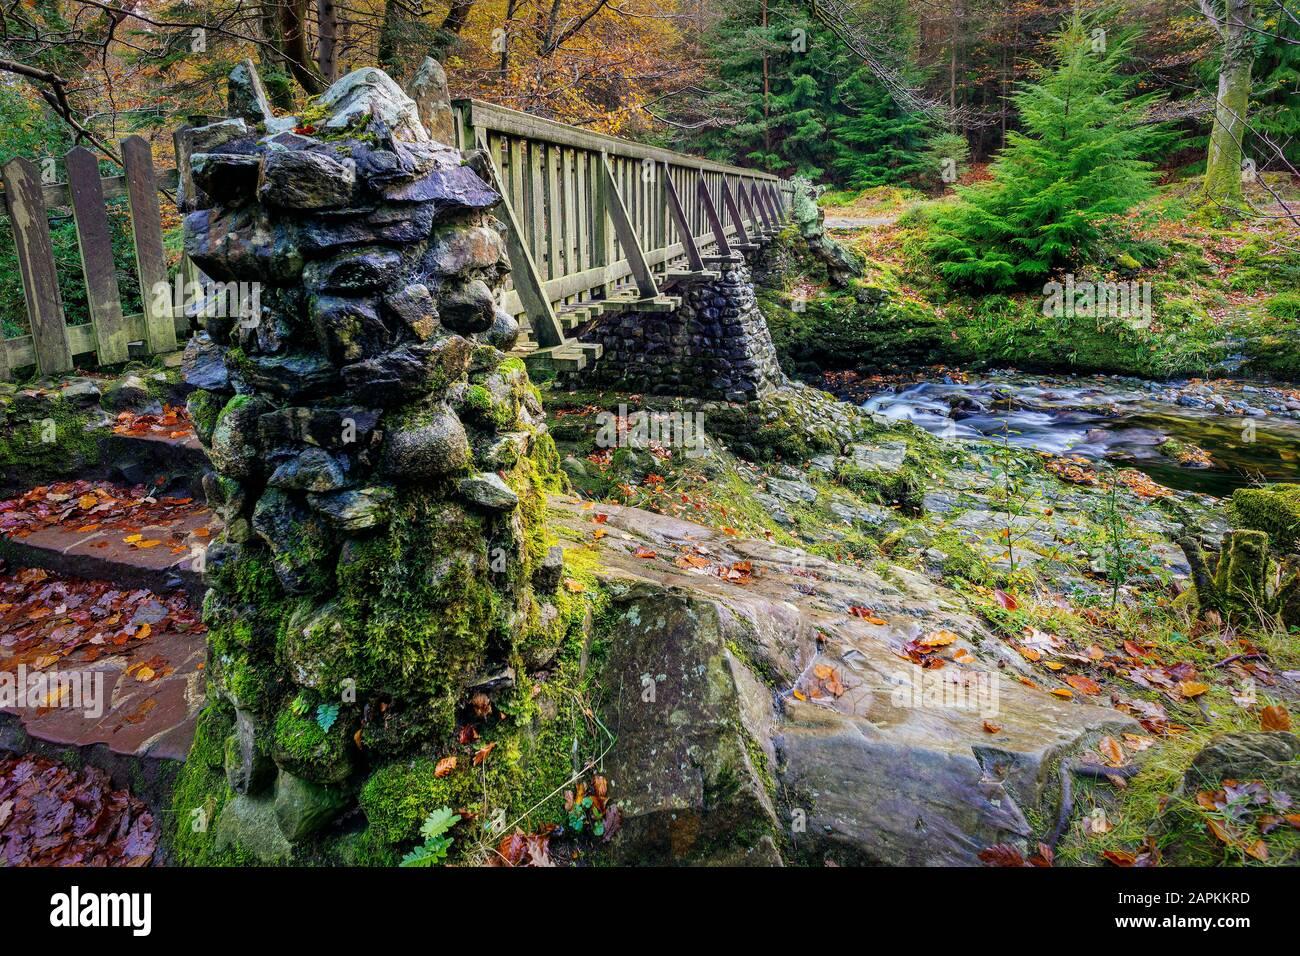 Pilares de piedra y escalones de viejo puente de madera con rocas de musgo en Tollymore Forest Park en otoño, Newcastle, County Down, Irlanda del Norte Foto de stock